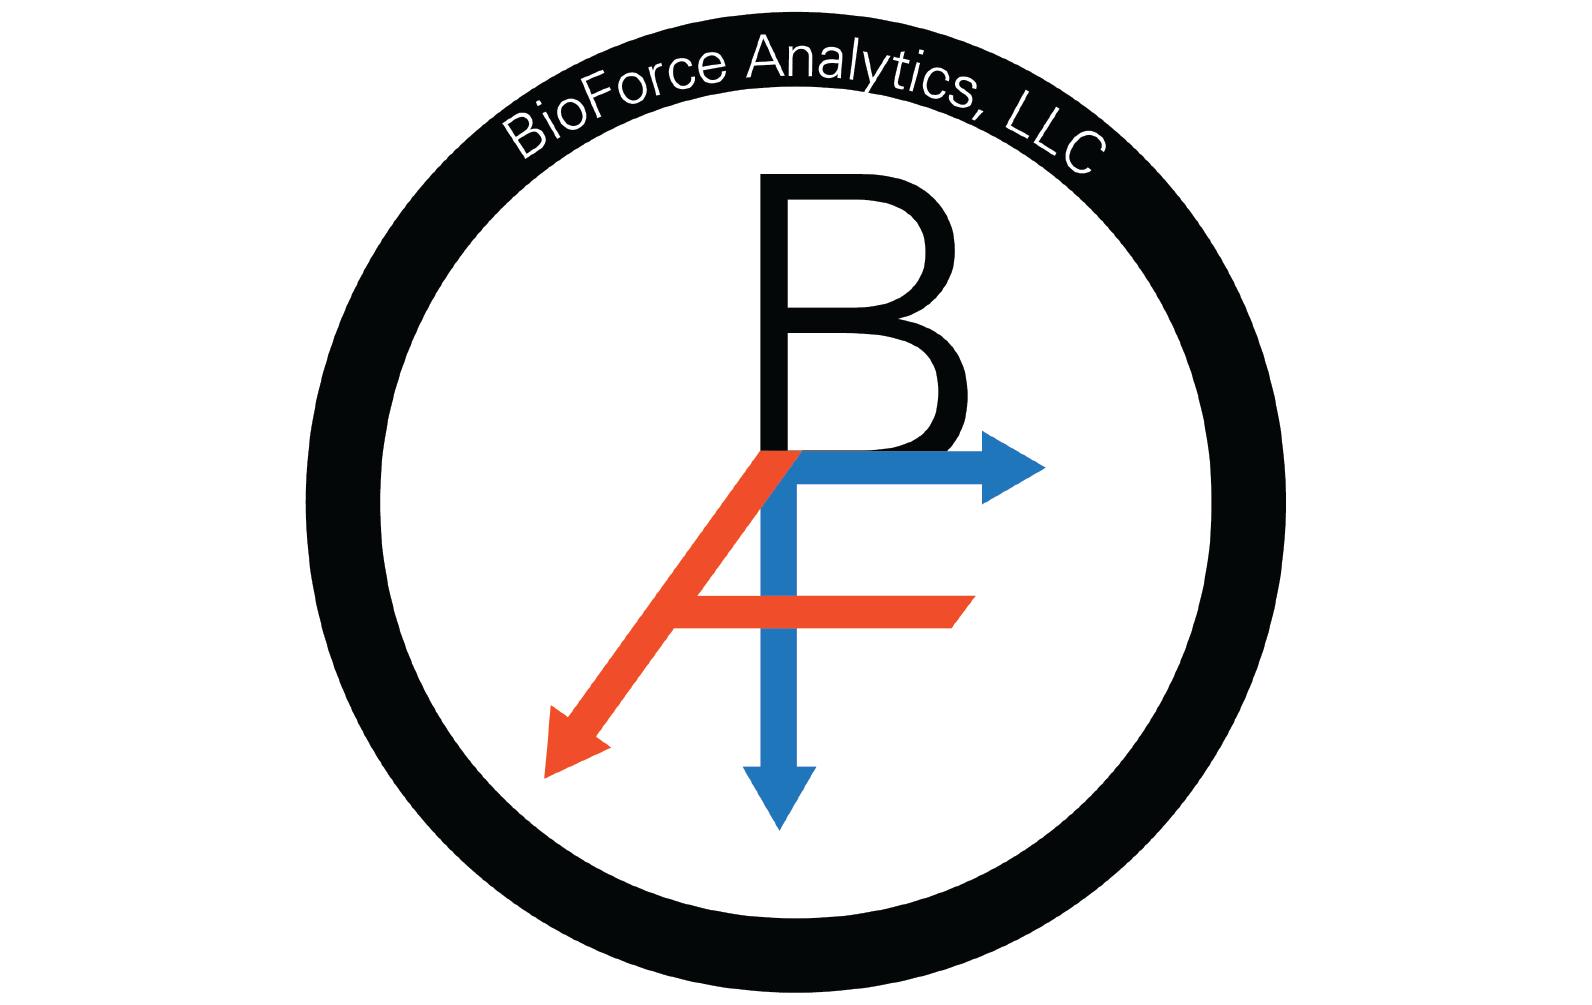 BioForce Analytics